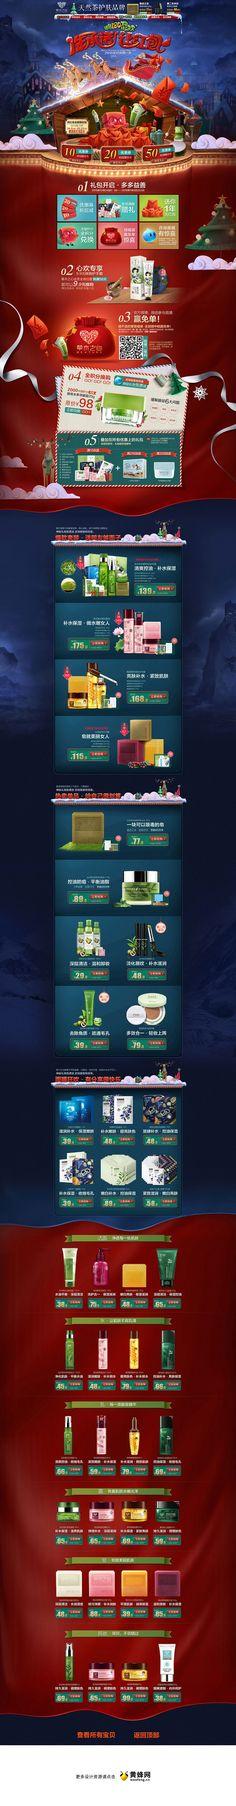 草木之心美妆彩妆化妆品圣诞节天猫首页活动专题页面设计 更多设计资源尽在黄蜂网http://woofeng.cn/